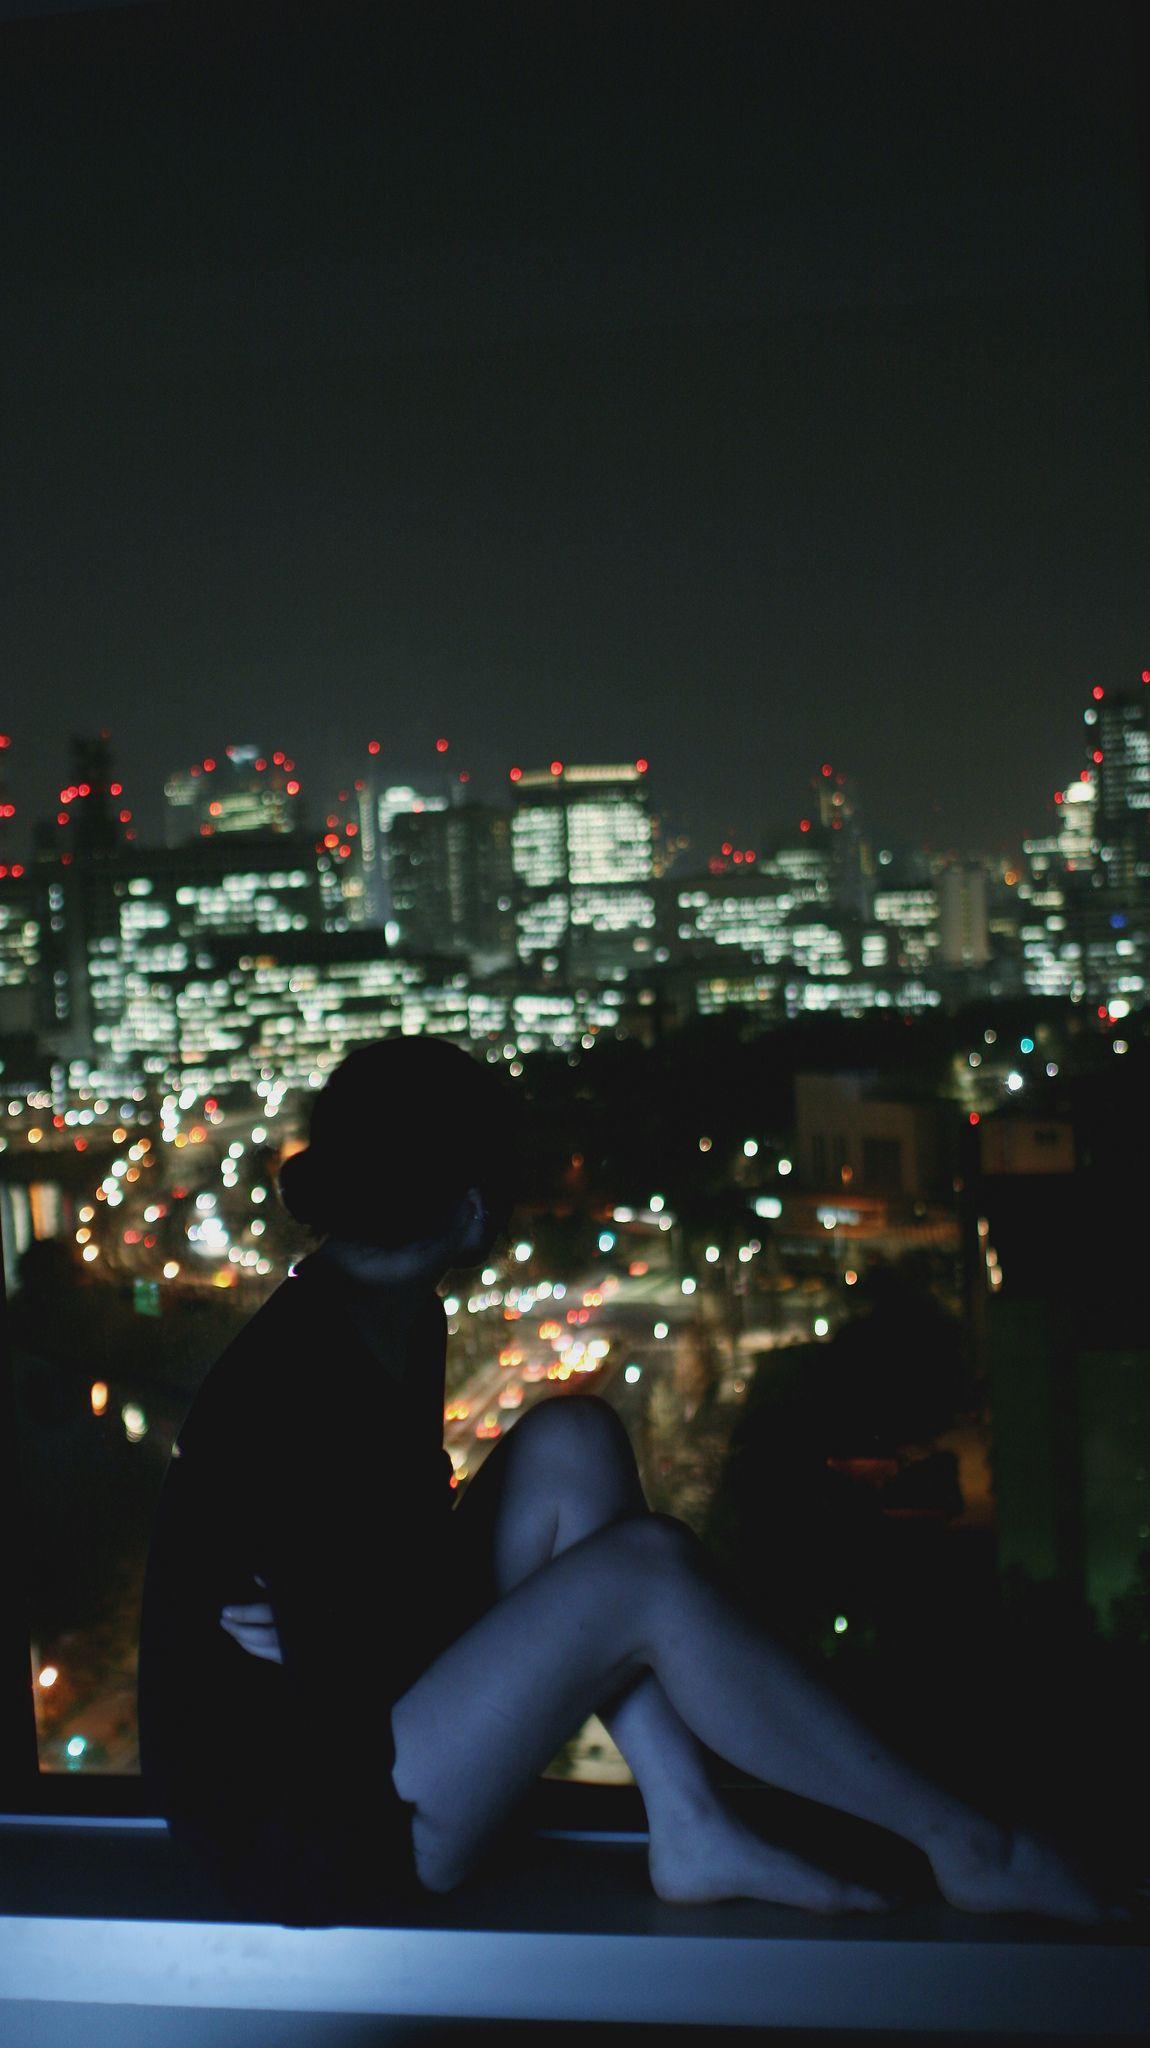 Imissyou Night Aesthetic City Aesthetic Photo